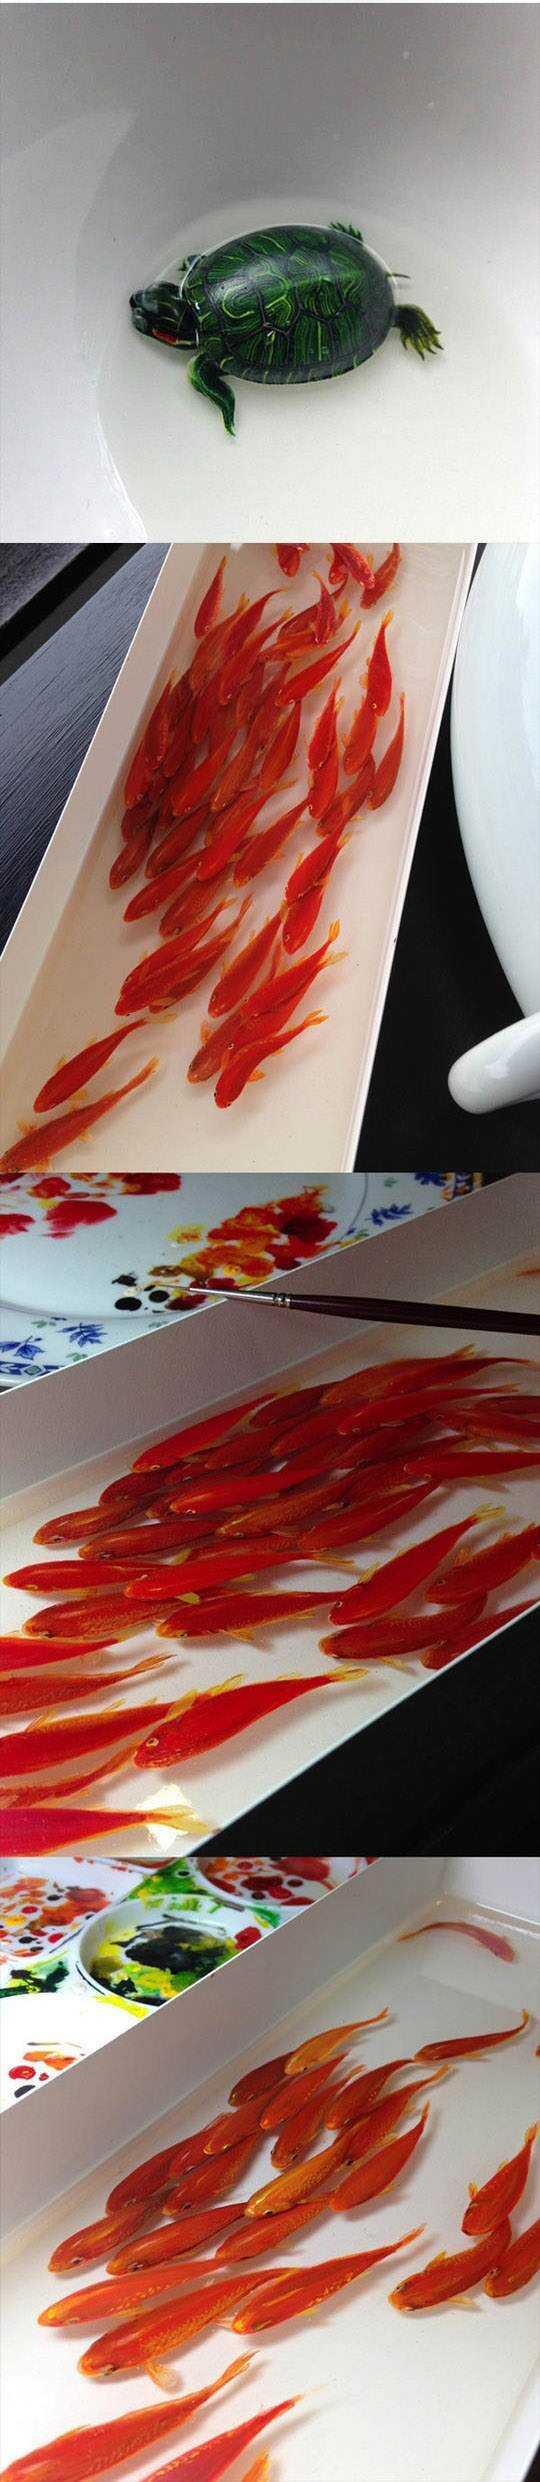 tartaruguinha O polvo fake de Keng Lee e outras pinturas